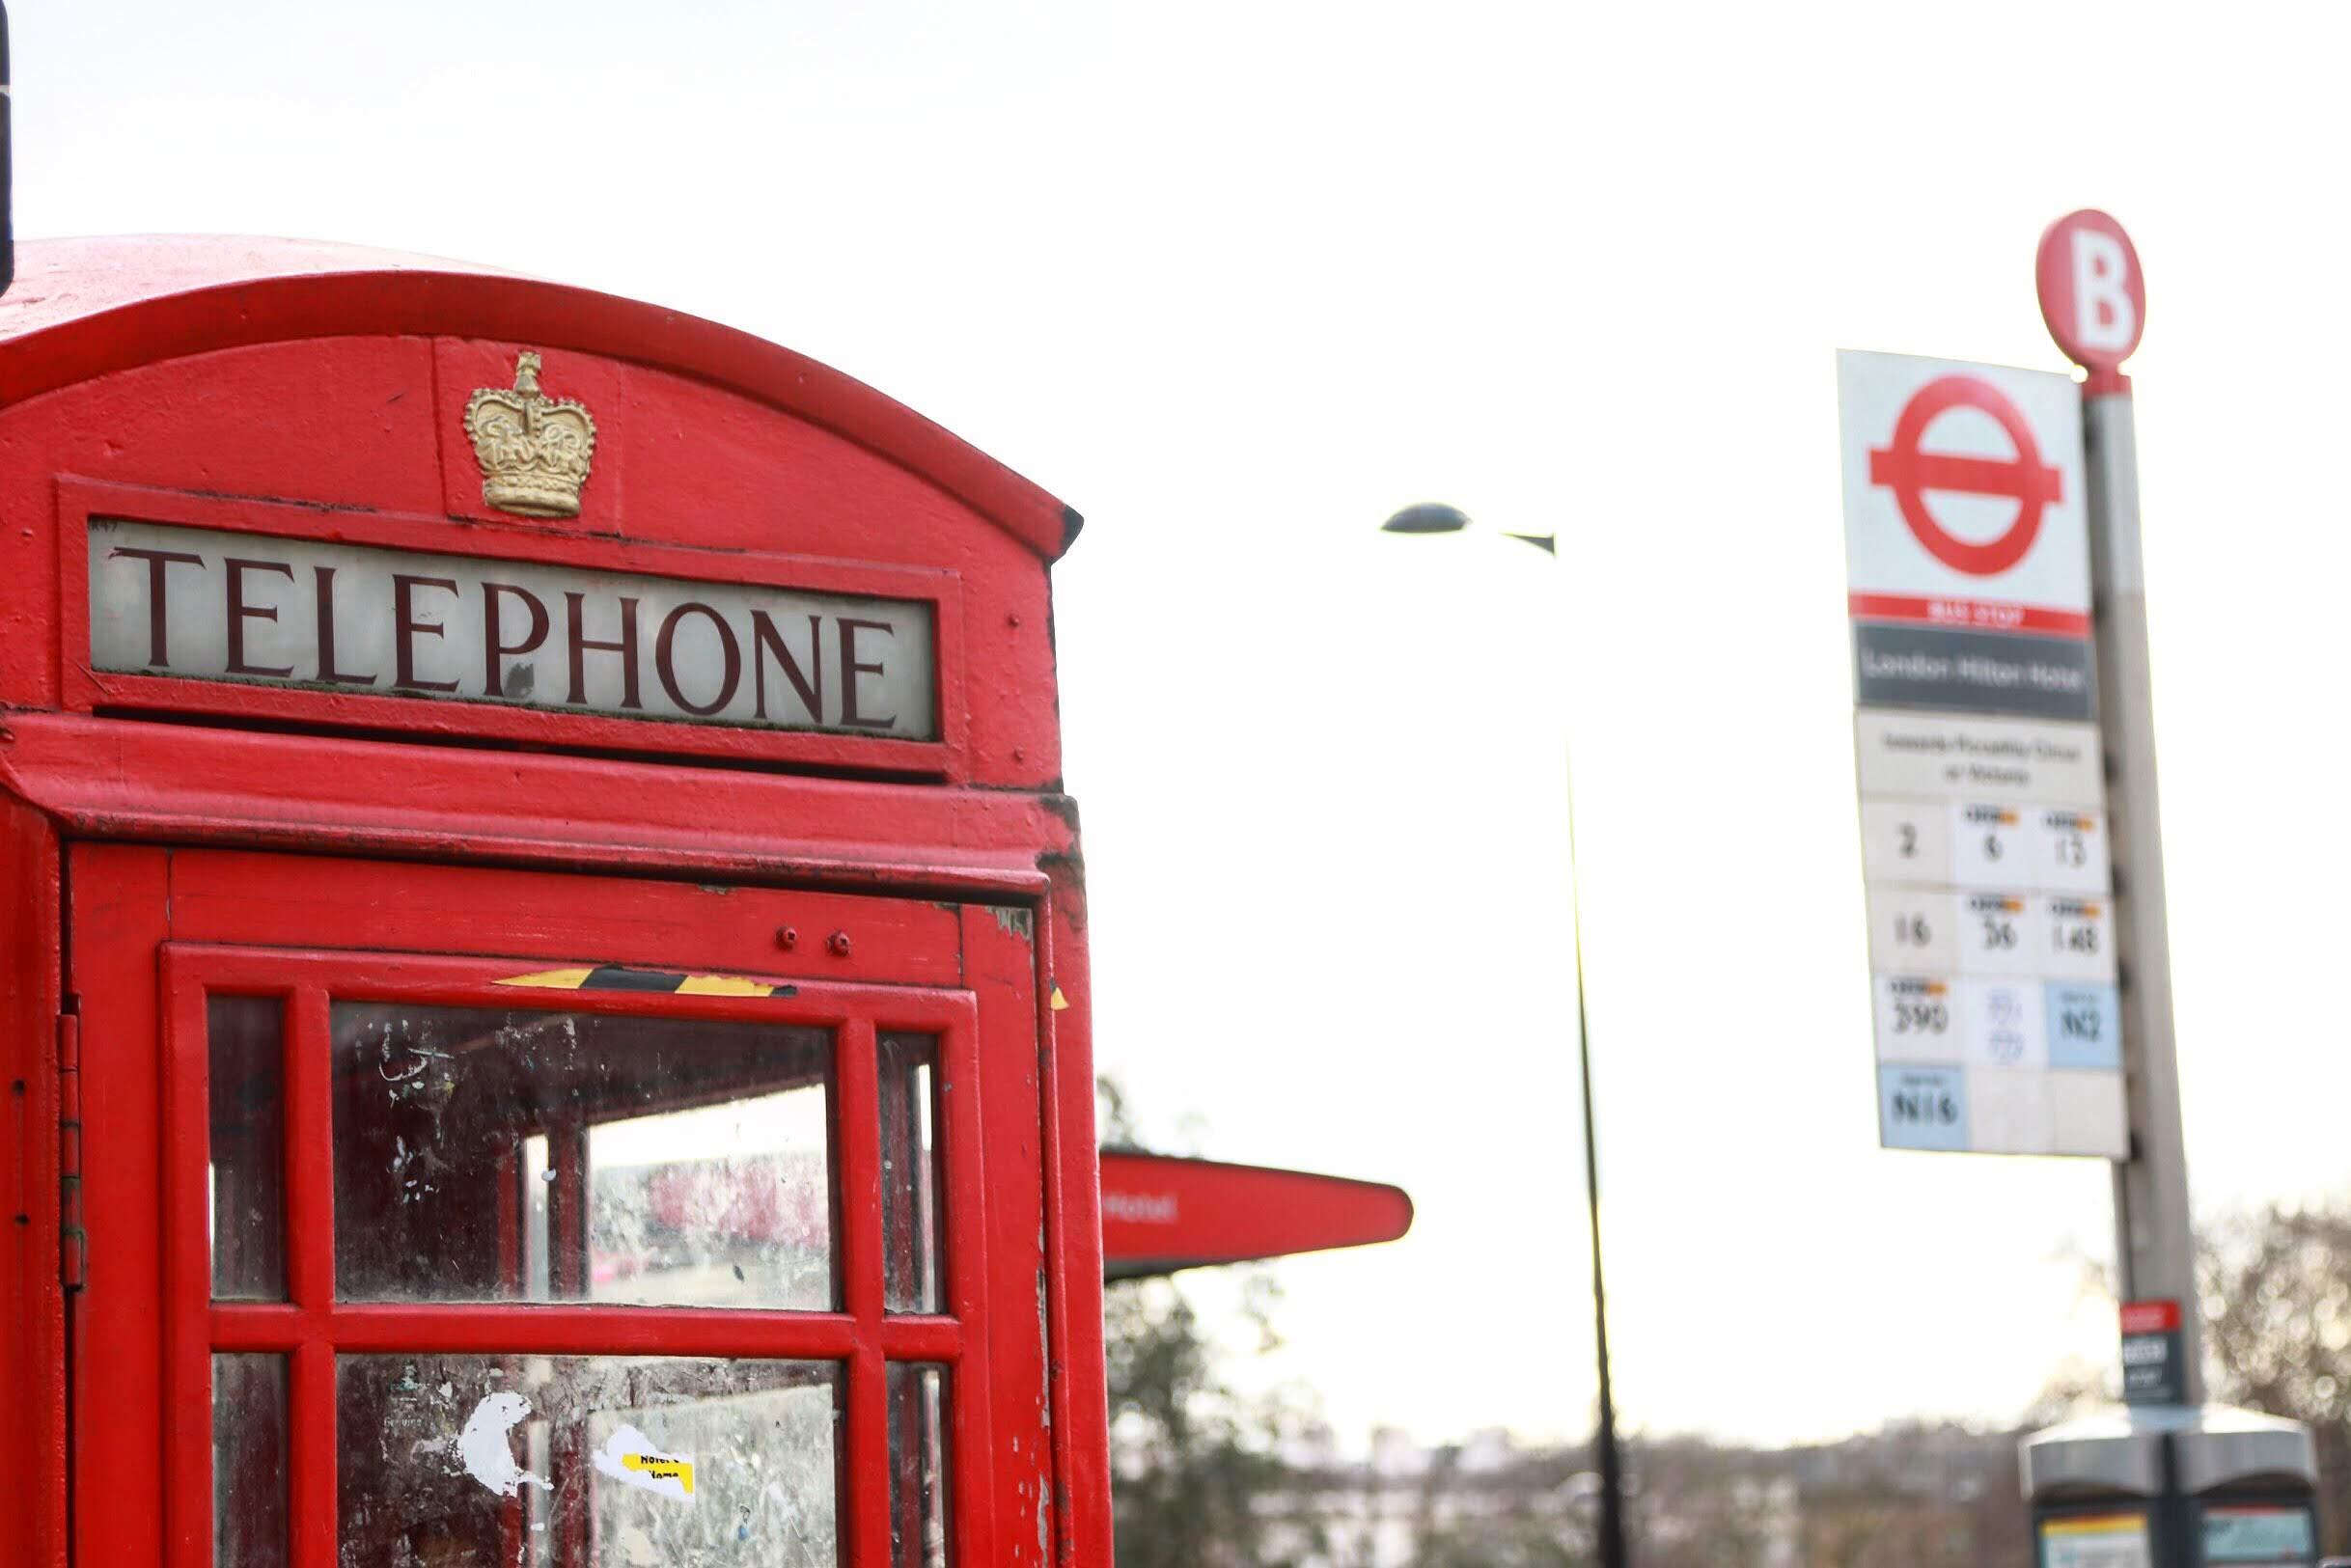 cabine telefônica vermelha de Londres com parada de ônibus desfocada ao lado